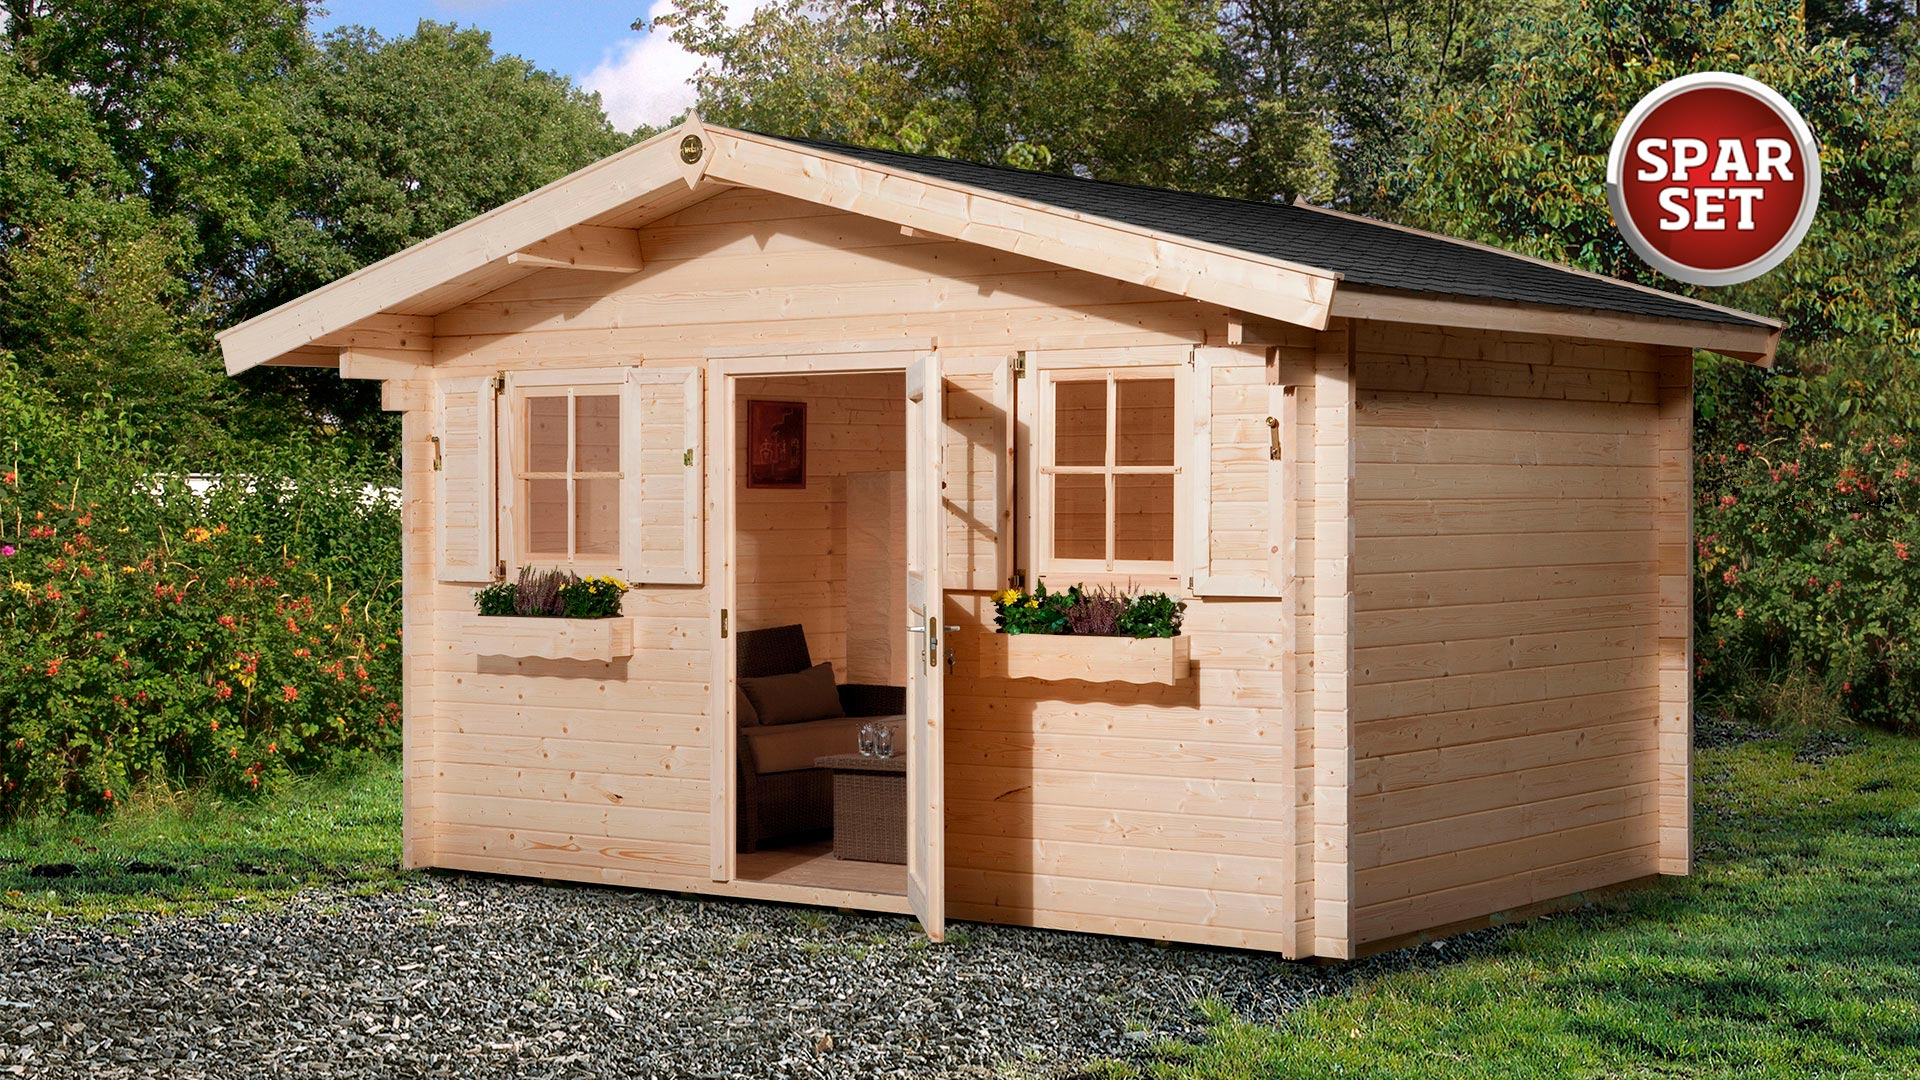 Gartenhaus Restposten Gunstig Kaufen Weka Holzbau